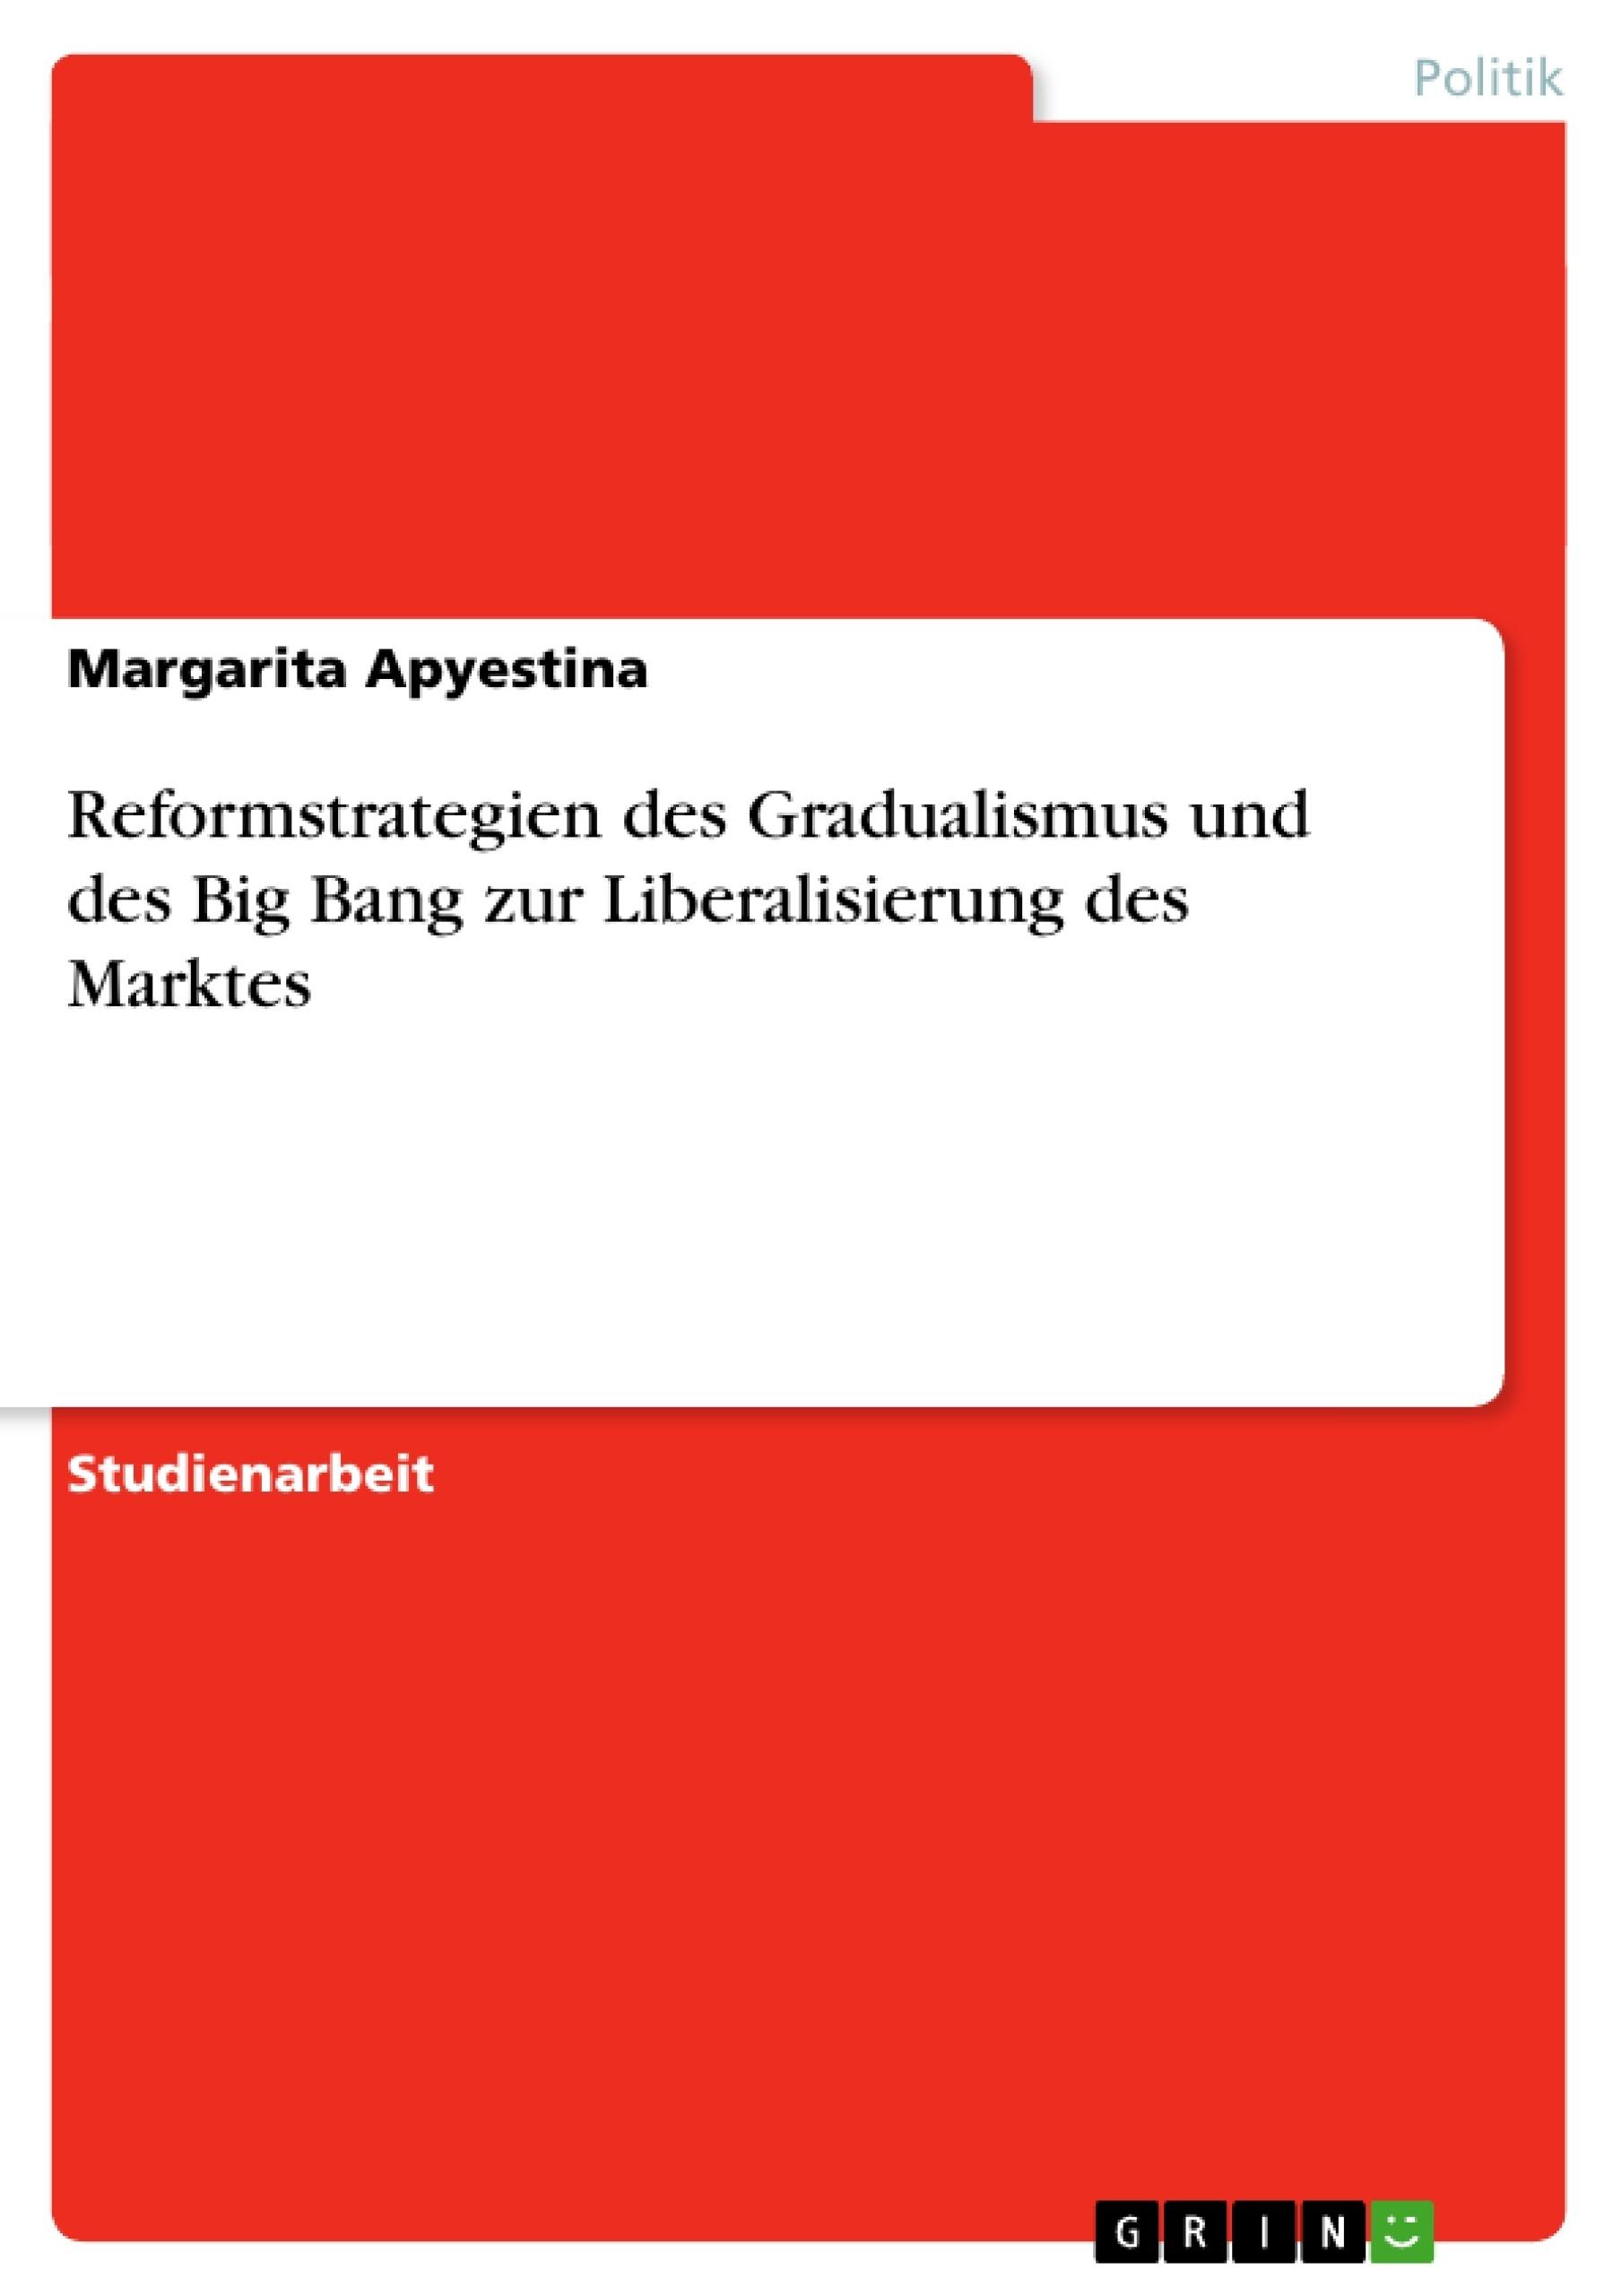 Titel: Reformstrategien des Gradualismus und des Big Bang zur Liberalisierung  des Marktes